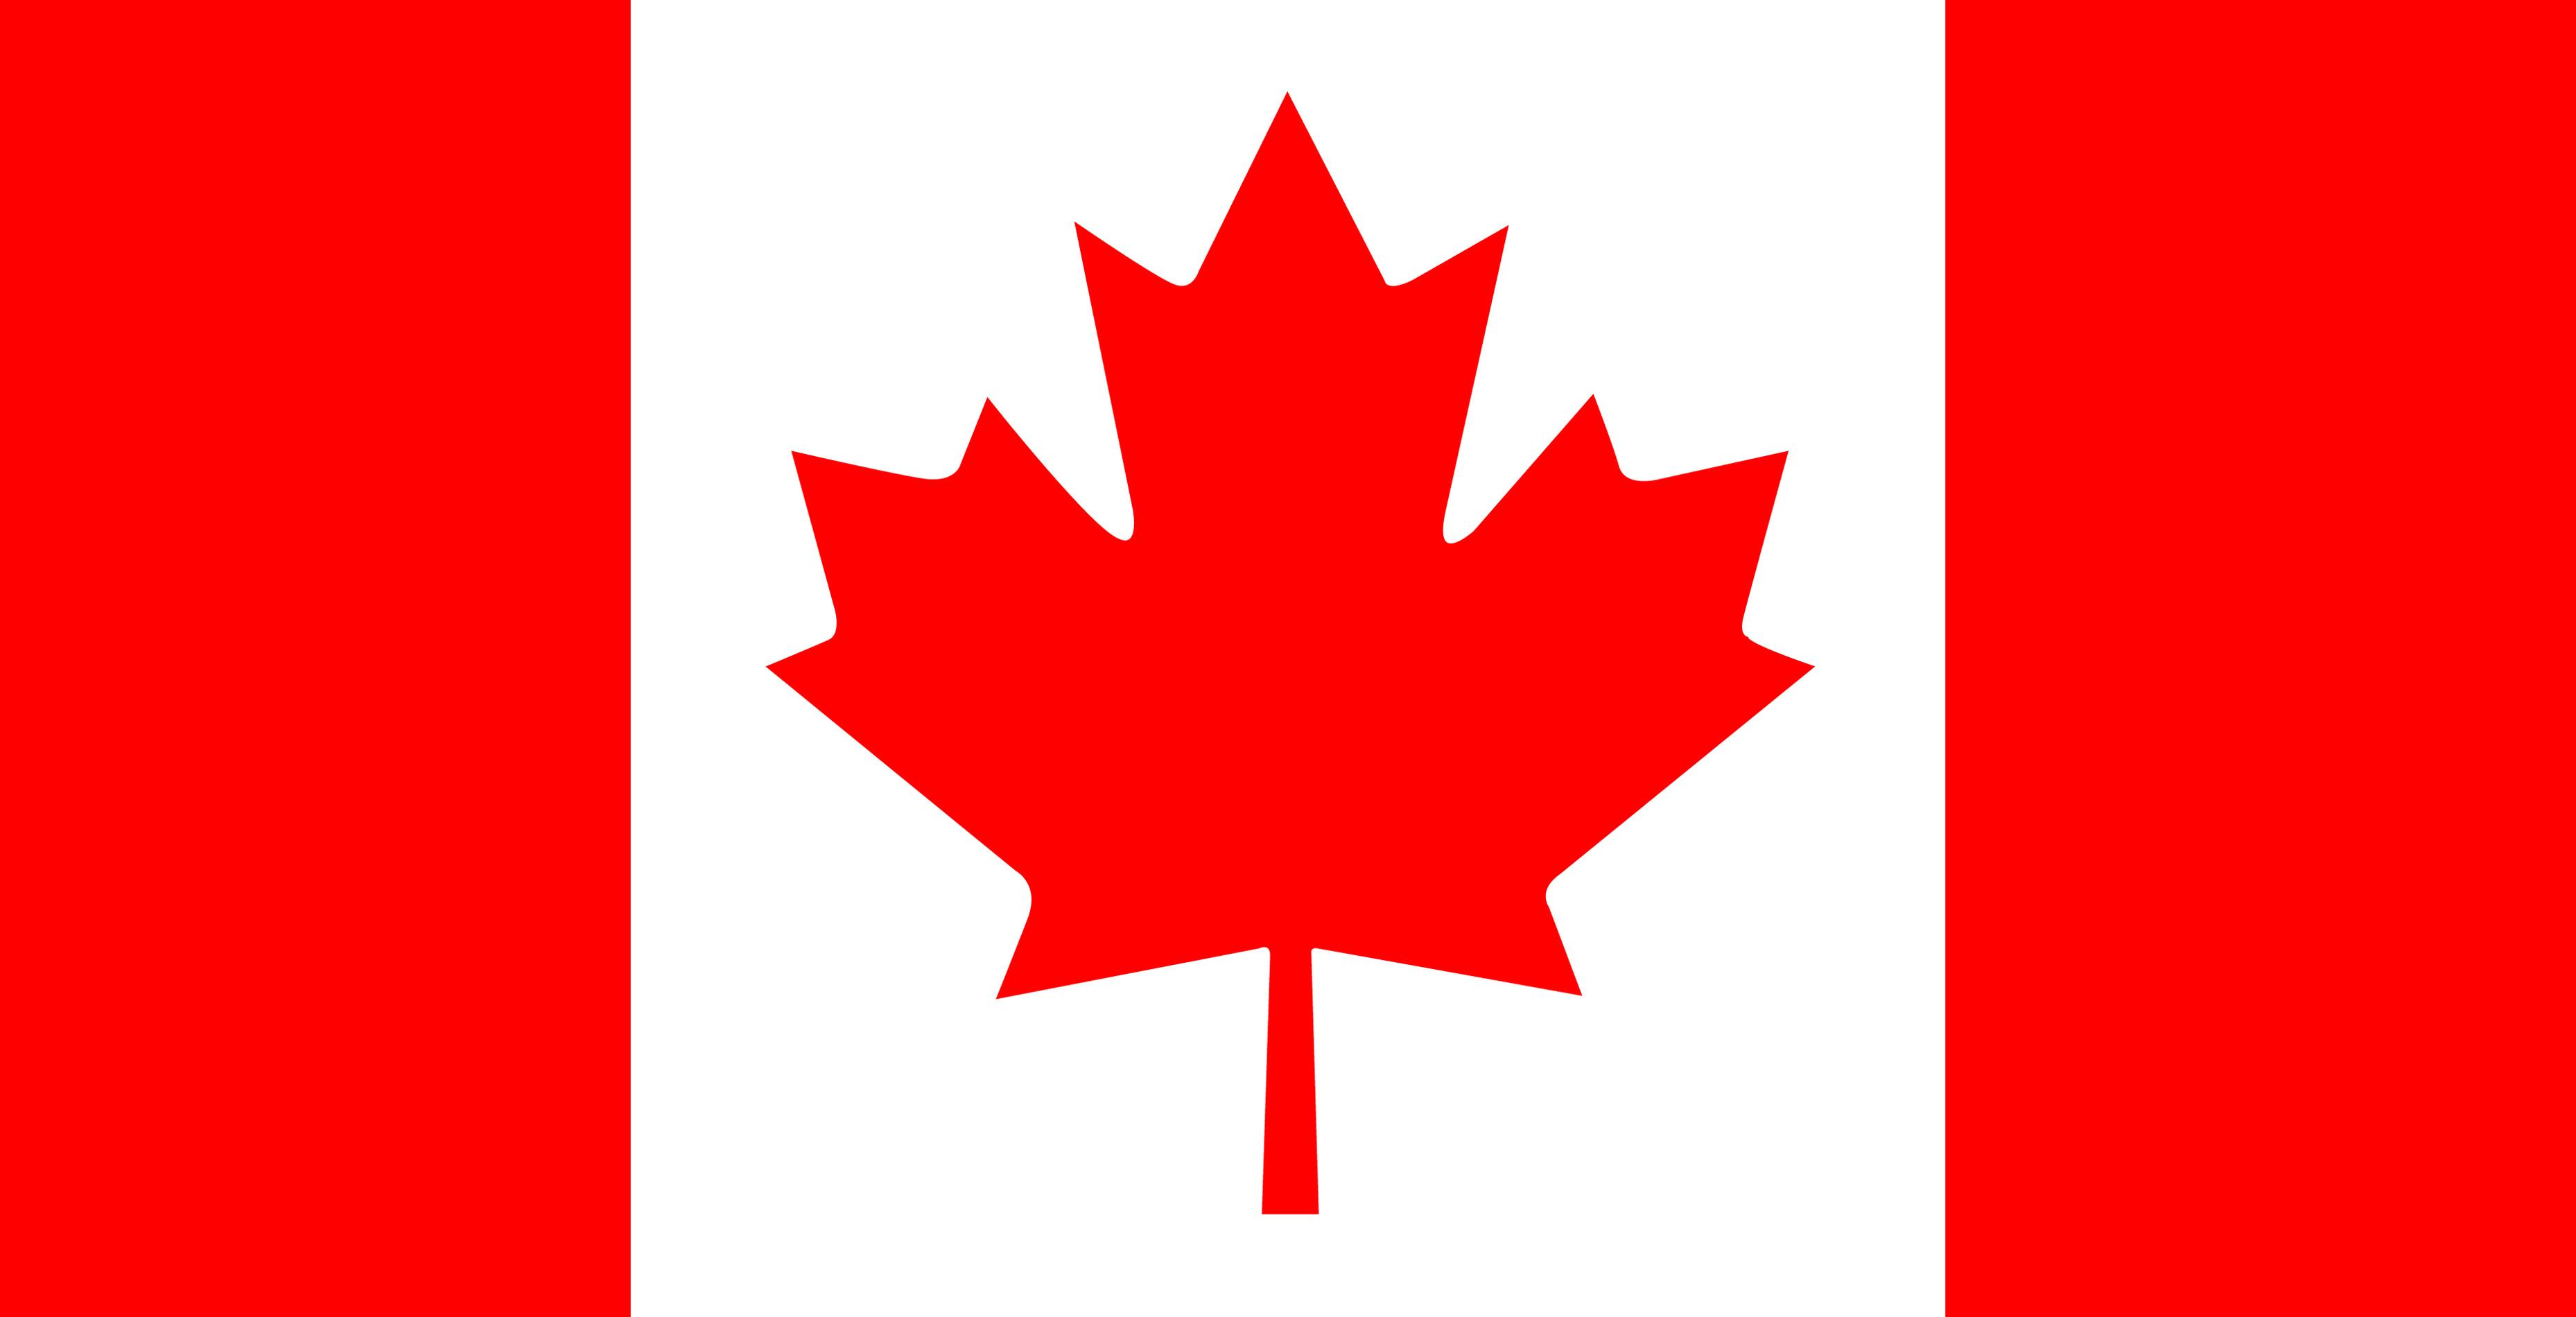 توقعات التضخم بكندا في ظل انخفاض أسعار النفط